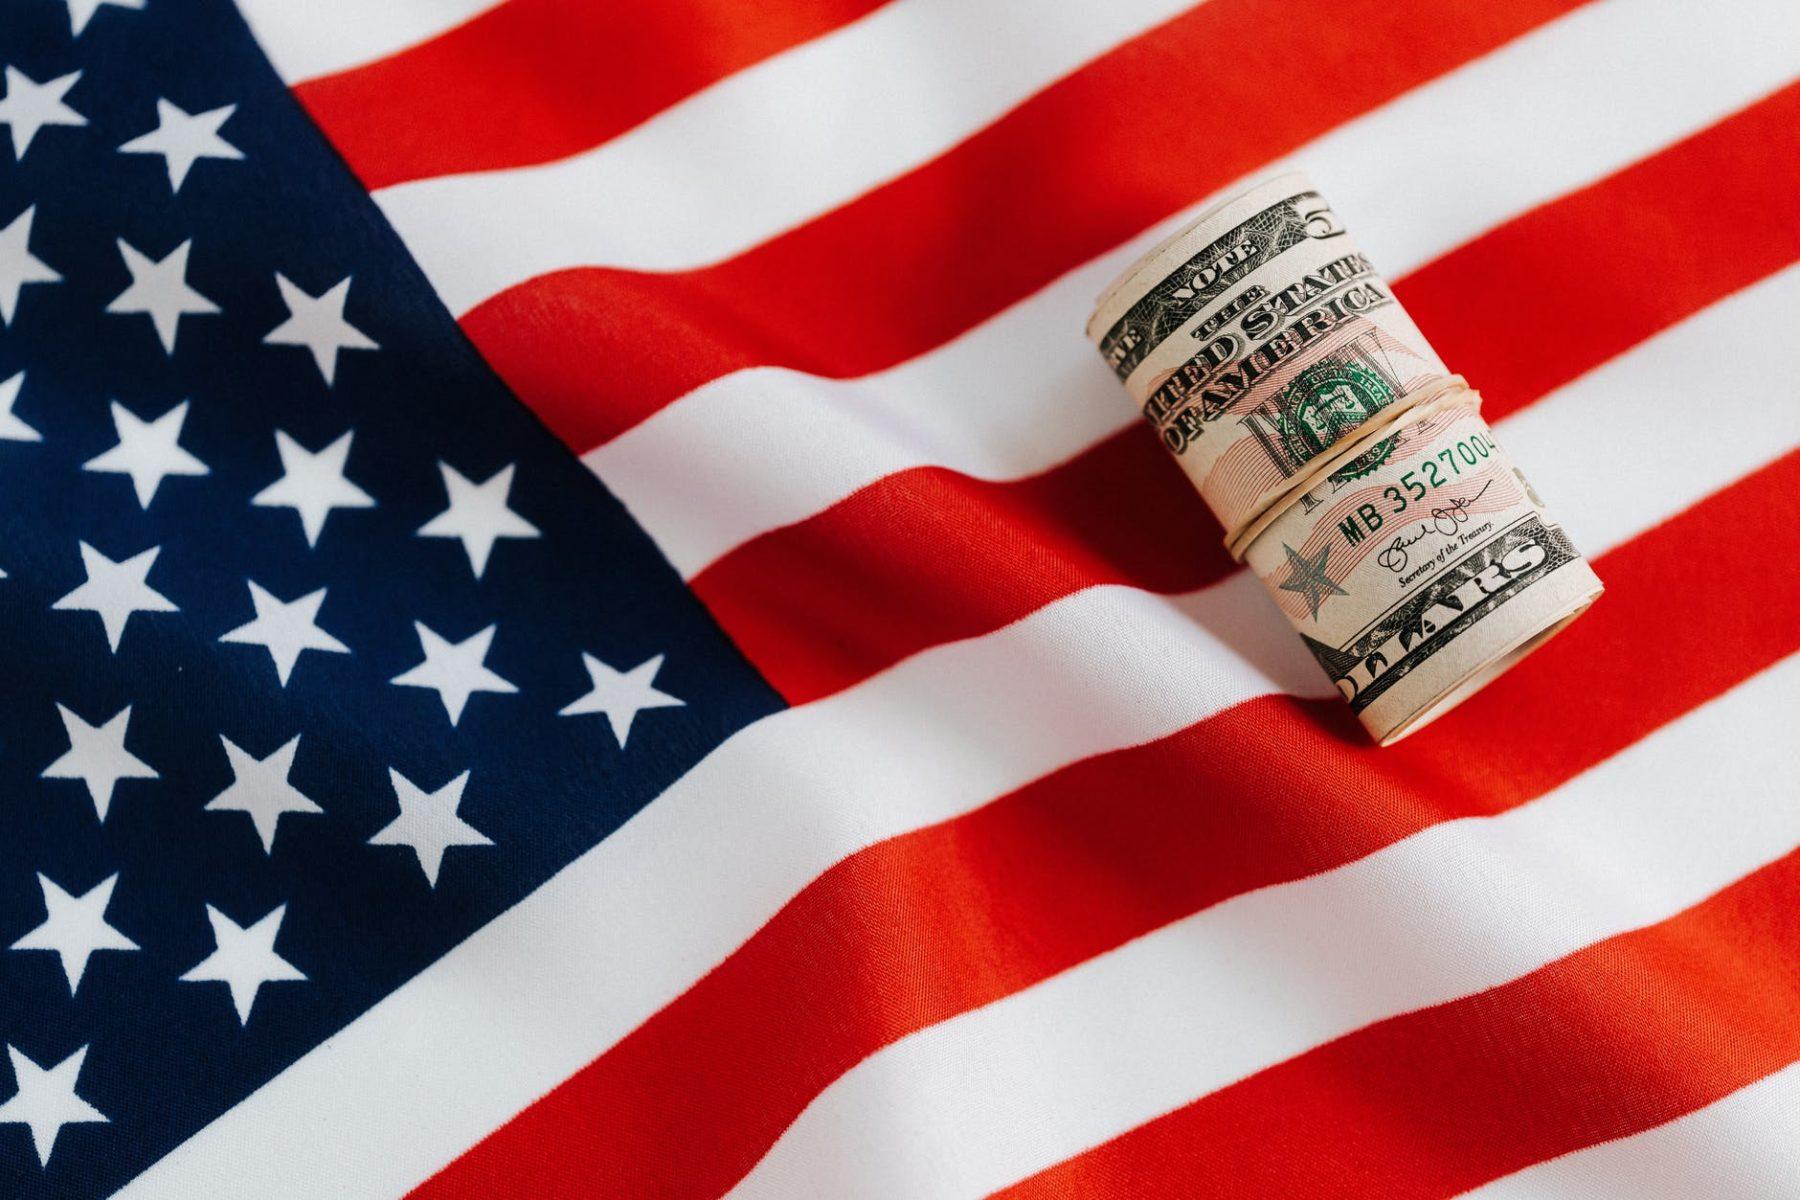 Ameryka dąży do zniesienia restrykcji pomimo wzrostu zachorowań – nowe wydanie Ekspresu Amerykańskiego